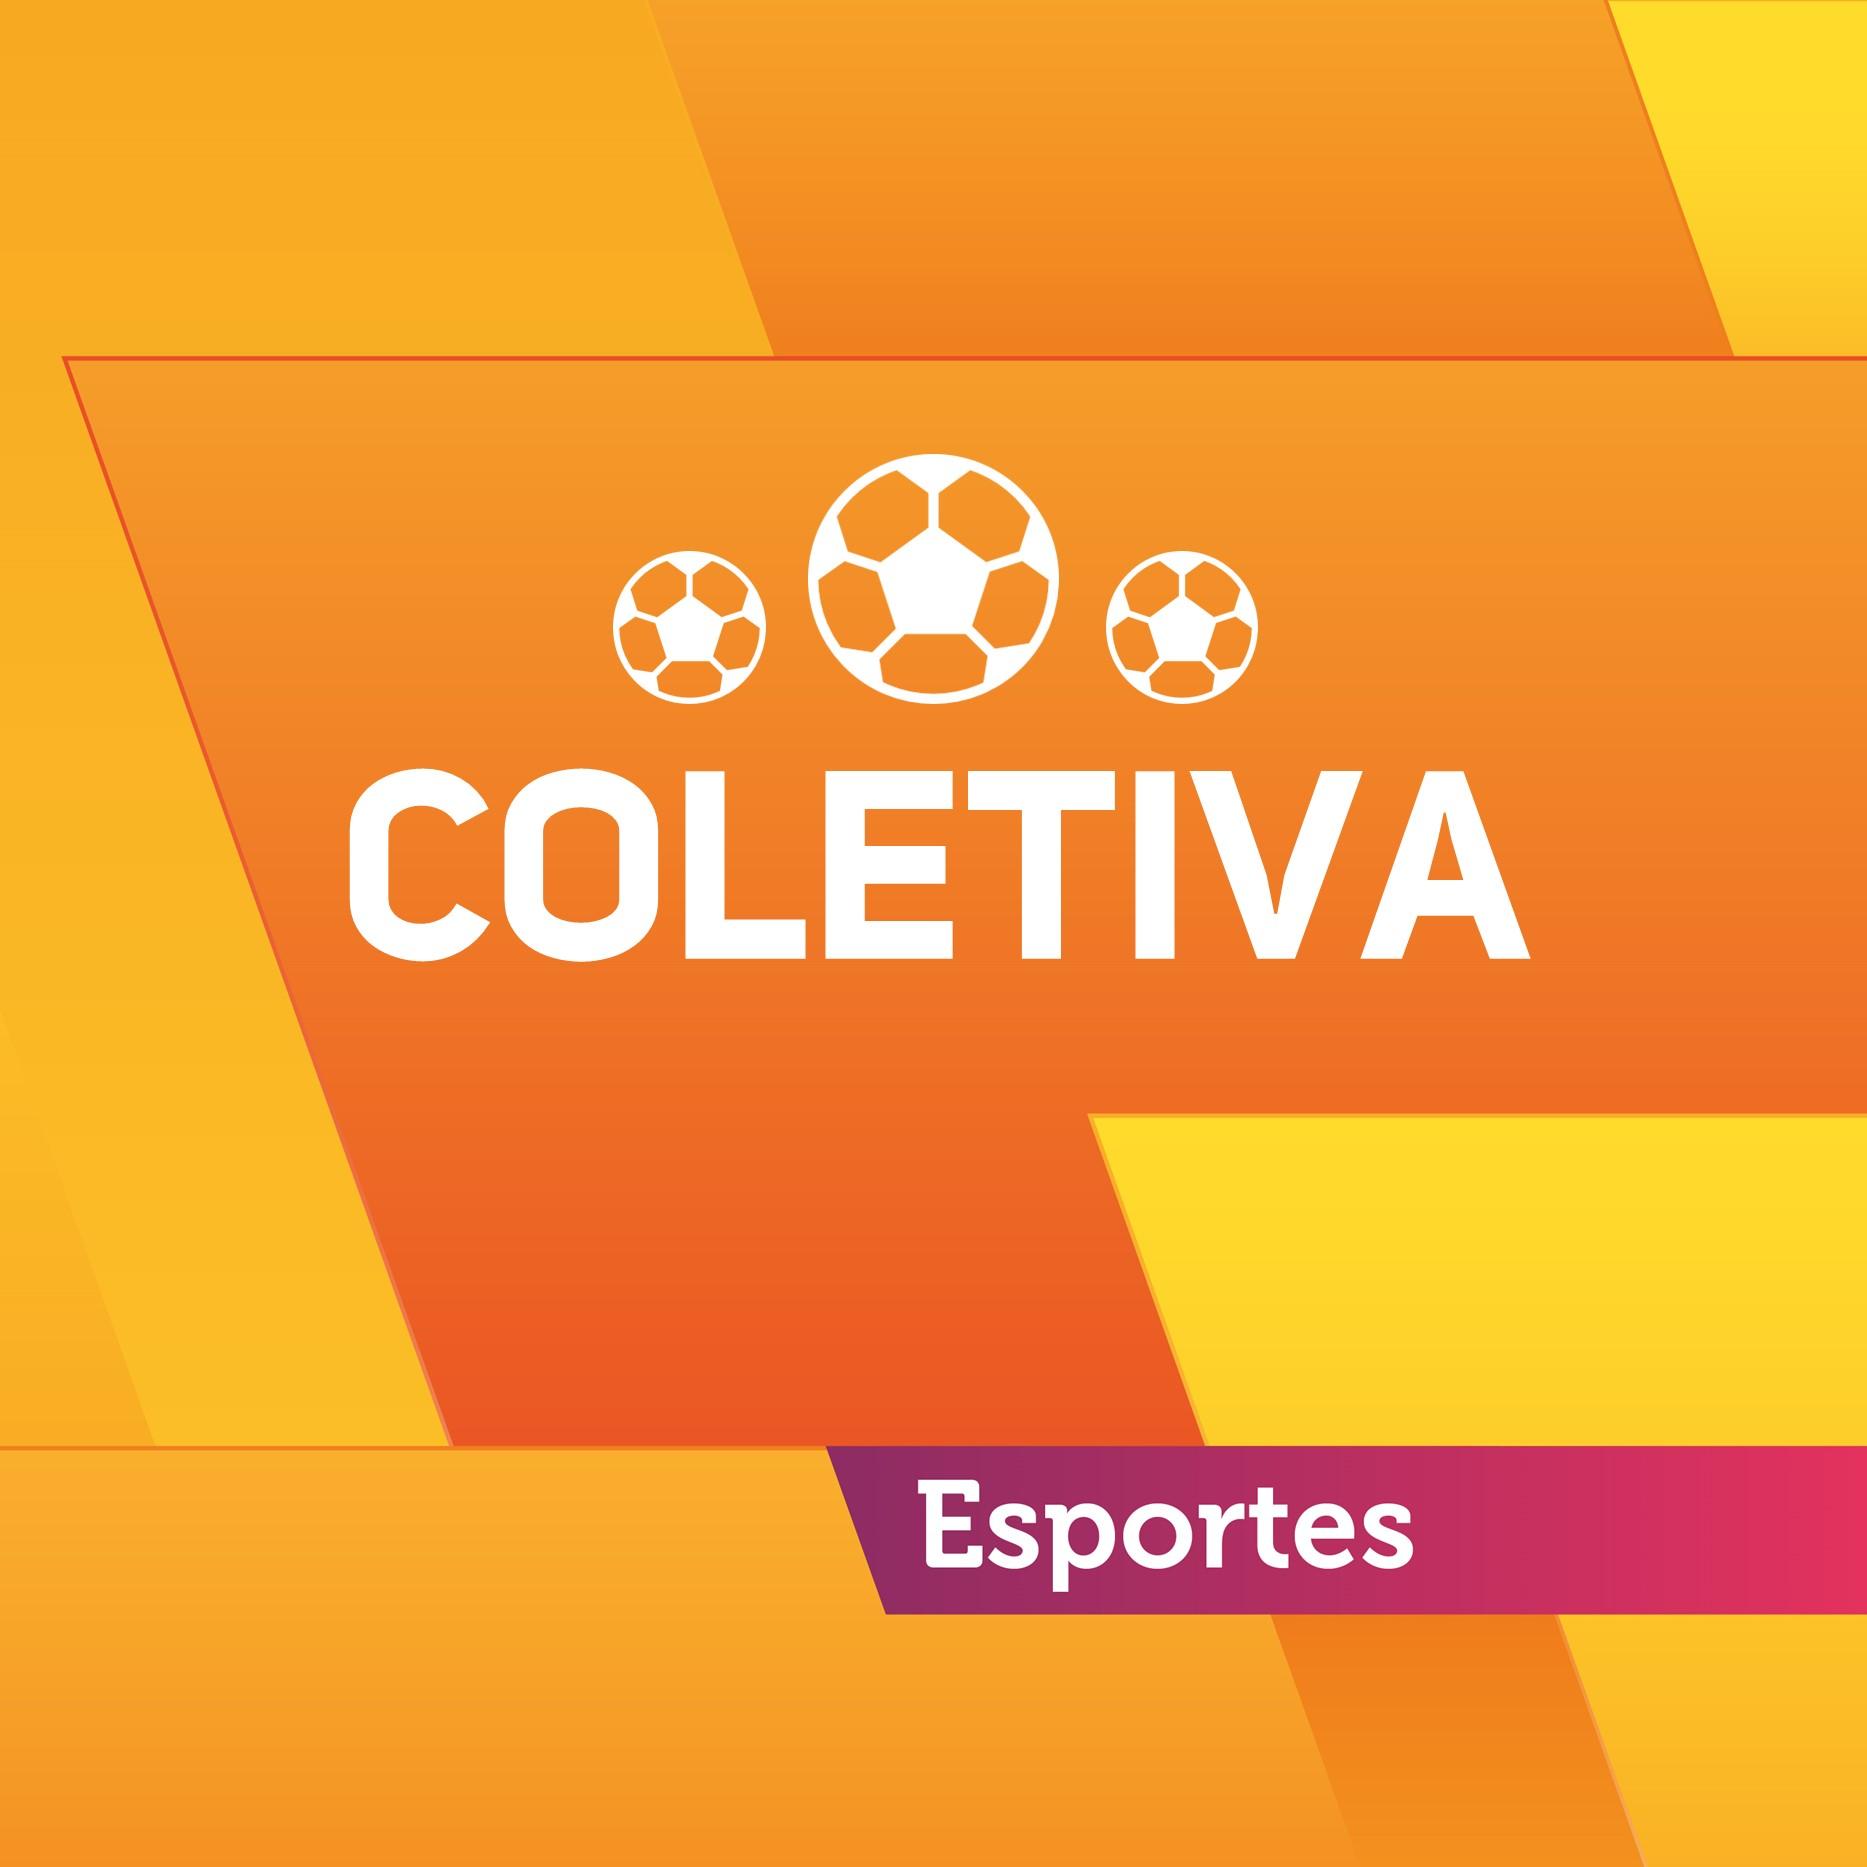 Coletiva Everton Grêmio - 22/09/2017